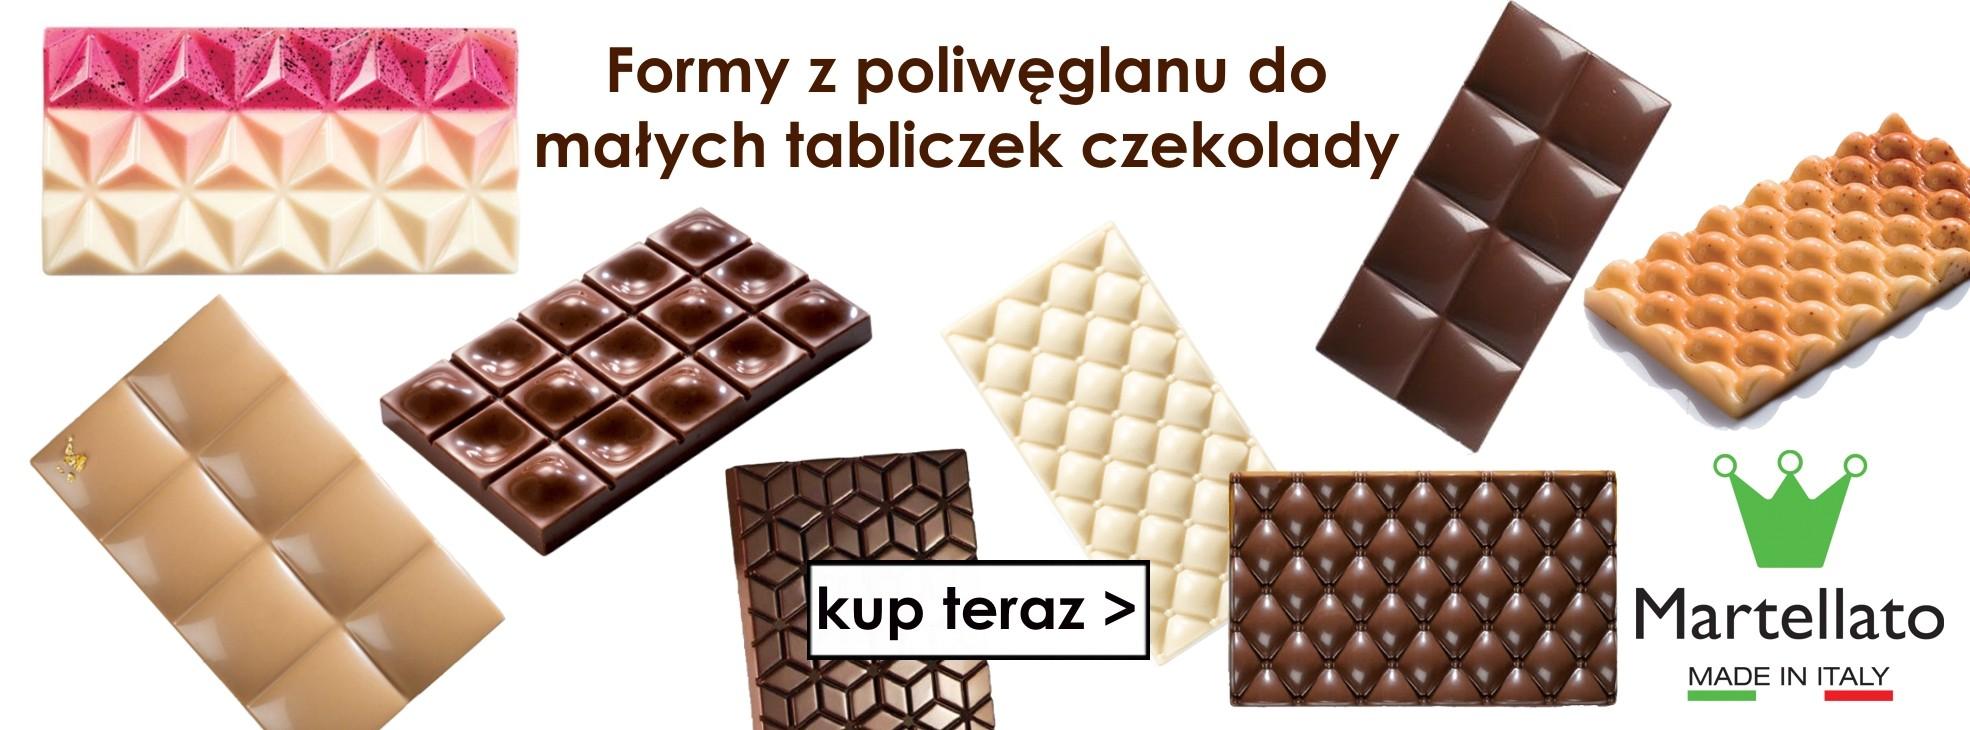 Formy z tworzywa do małych tabliczek czekolady marki Martellato